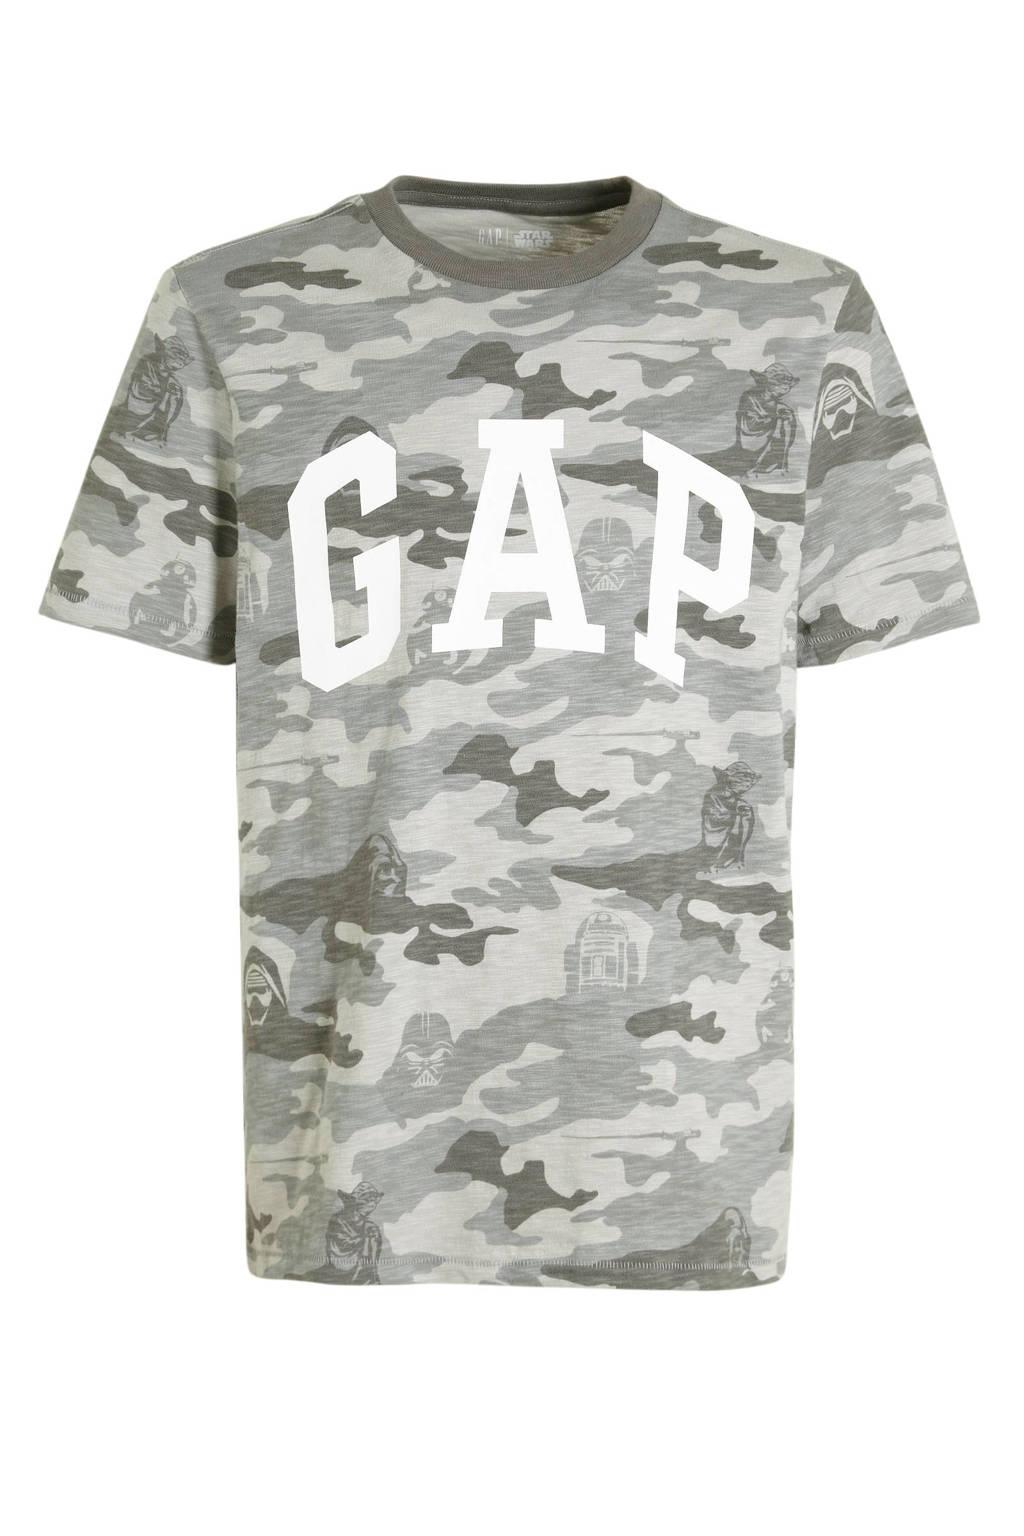 GAP T-shirt met camouflageprint grijs, Grijs